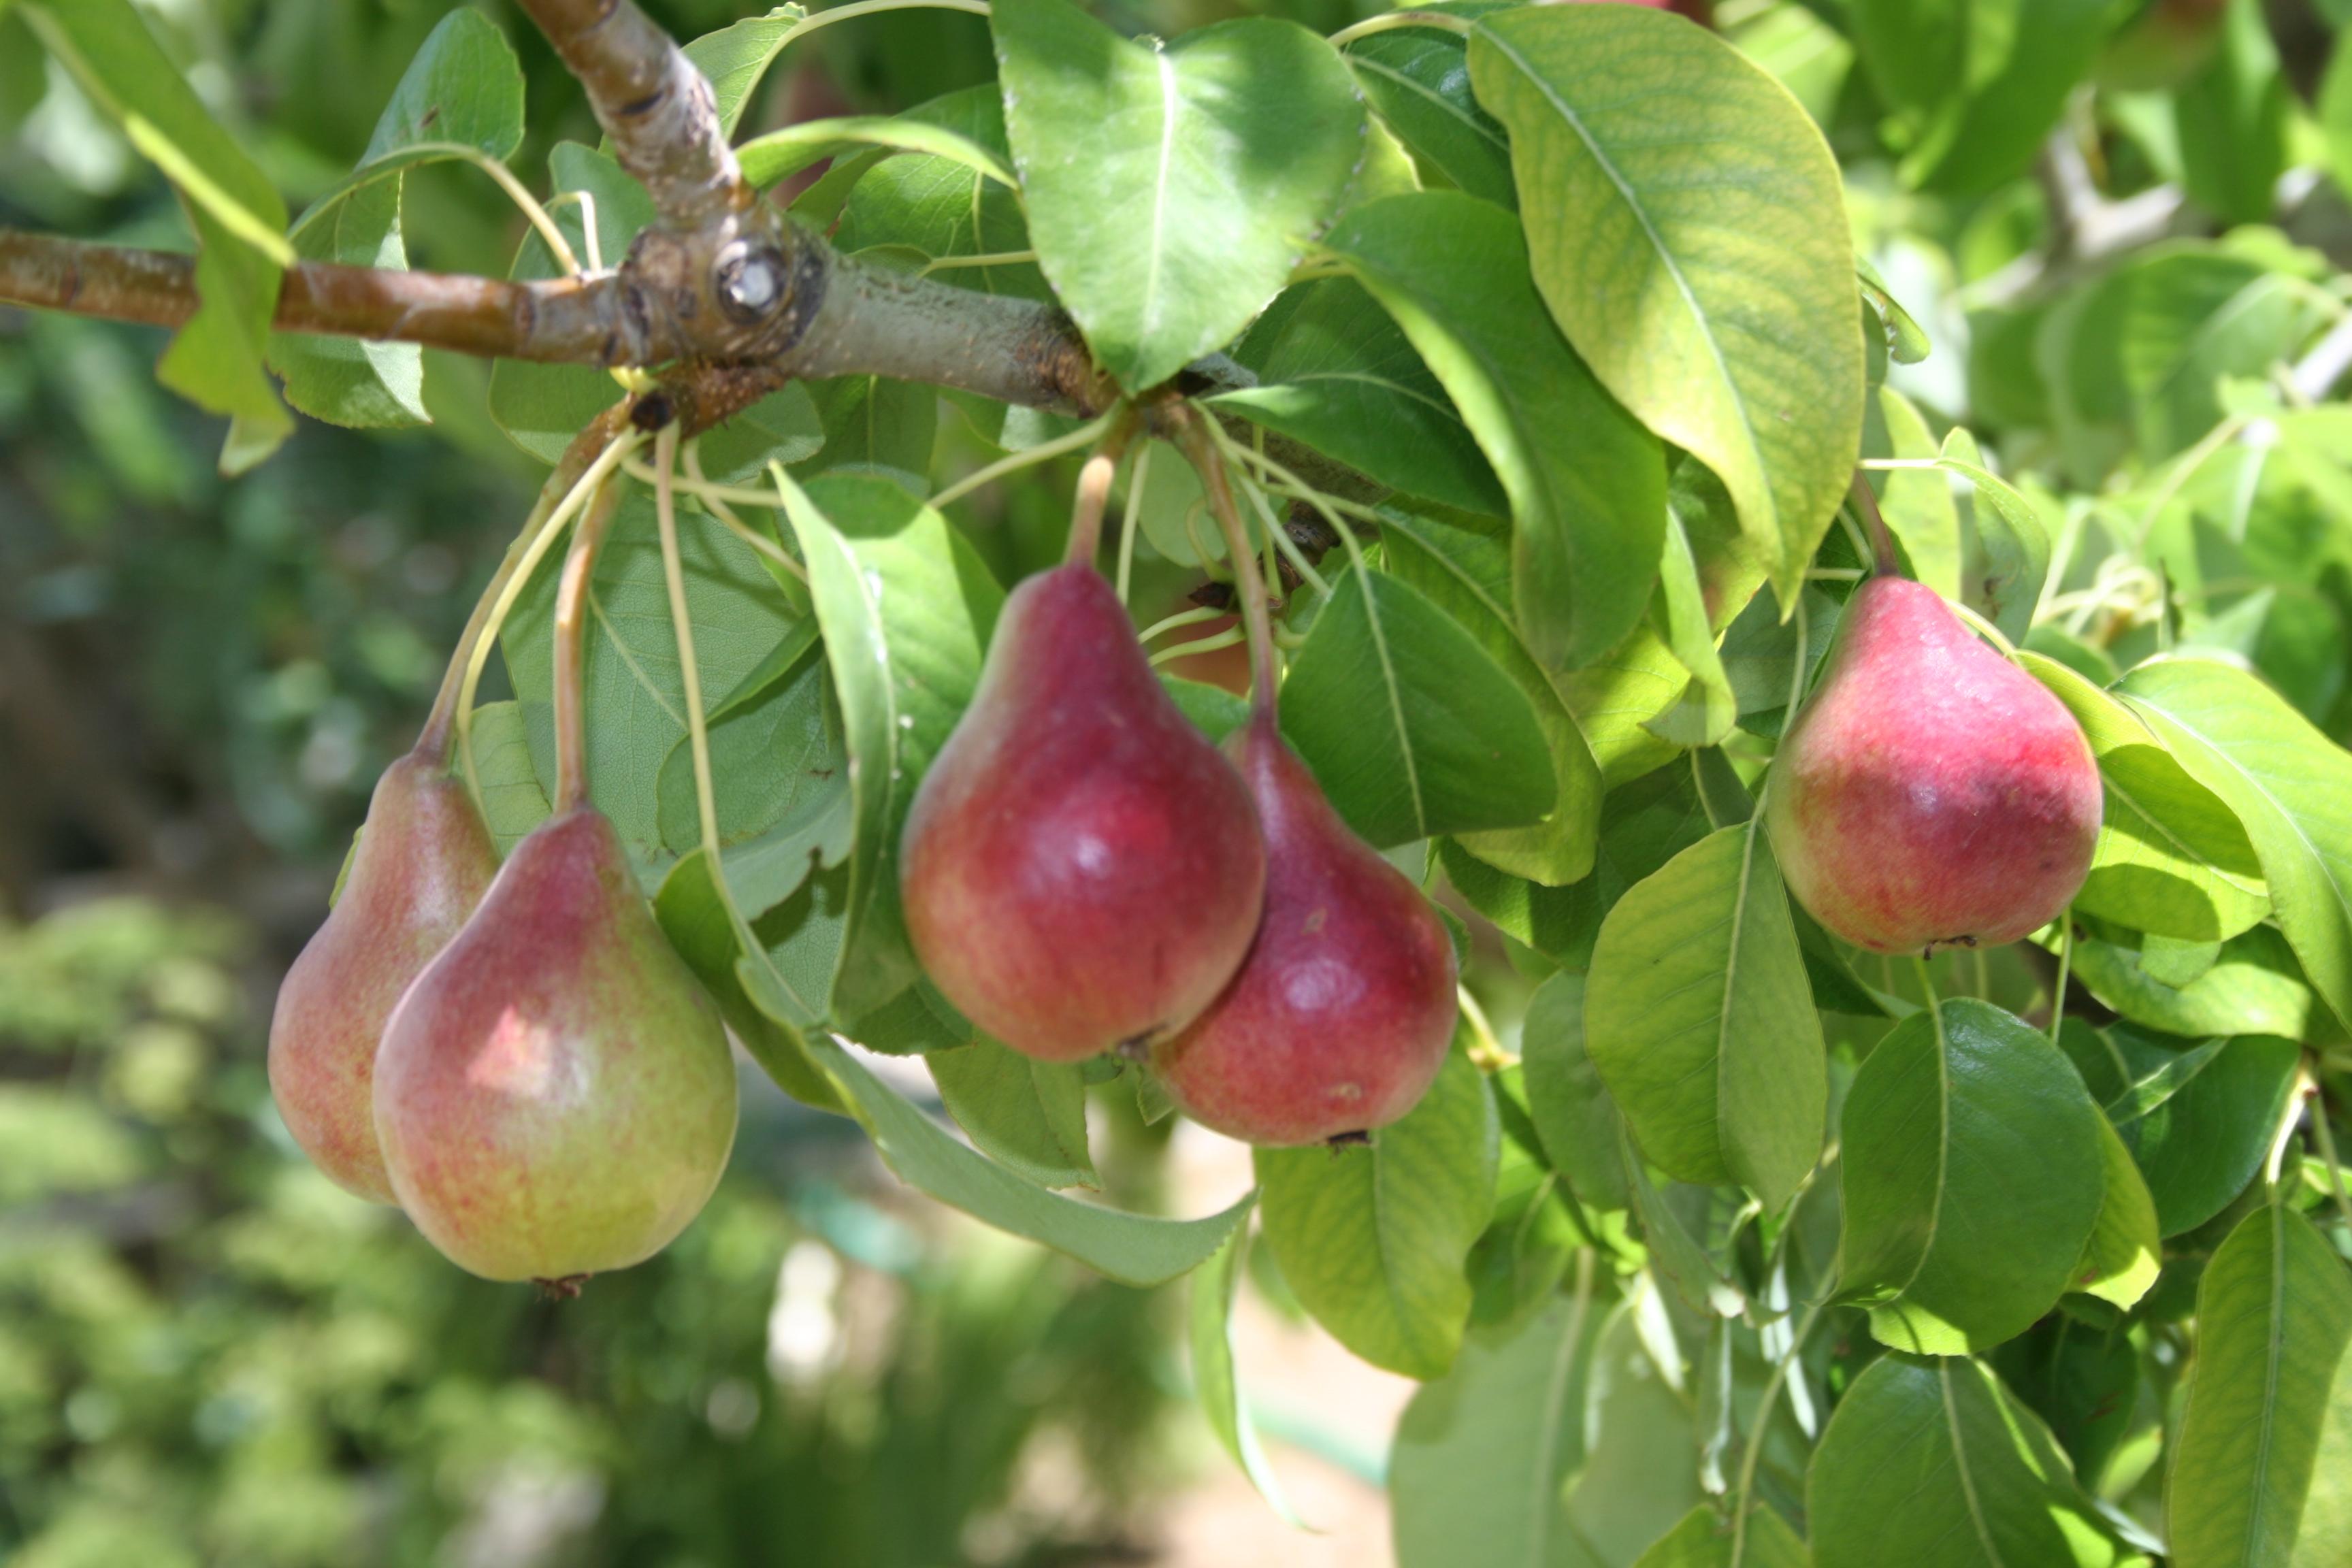 Cultivo de frutales tipos de arboles frutales for Arboles de hoja caduca y perenne nombres